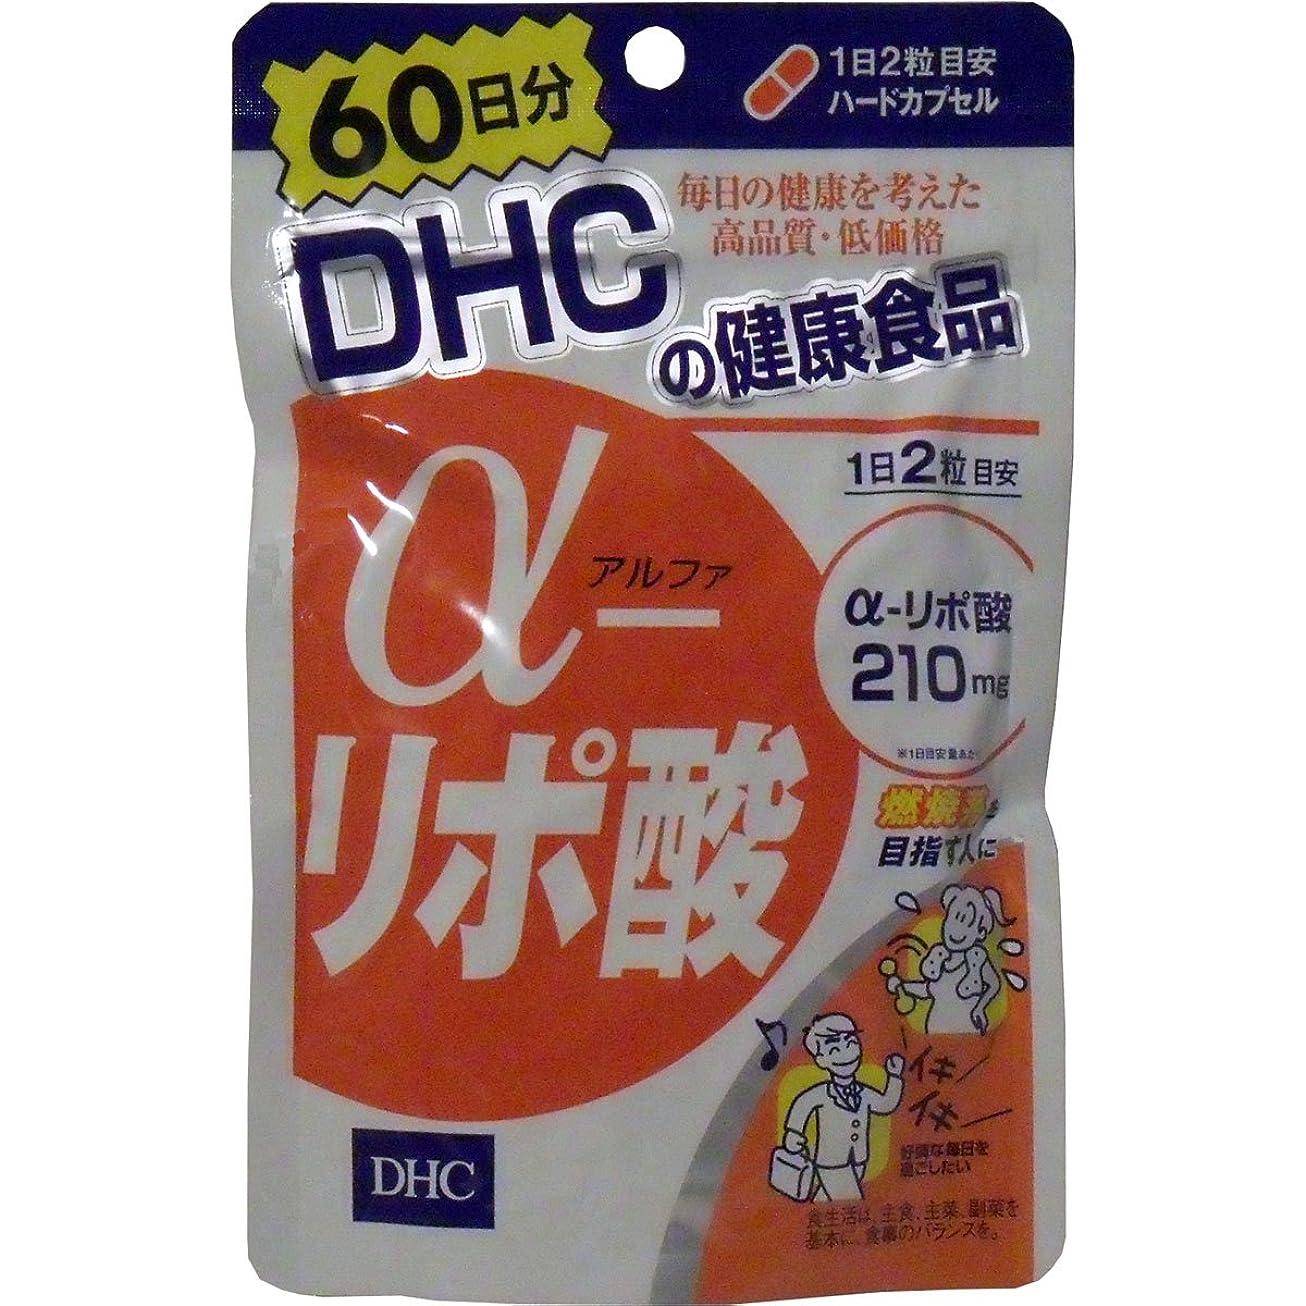 不実オプション摘むDHC α-リポ酸 60日分 120粒